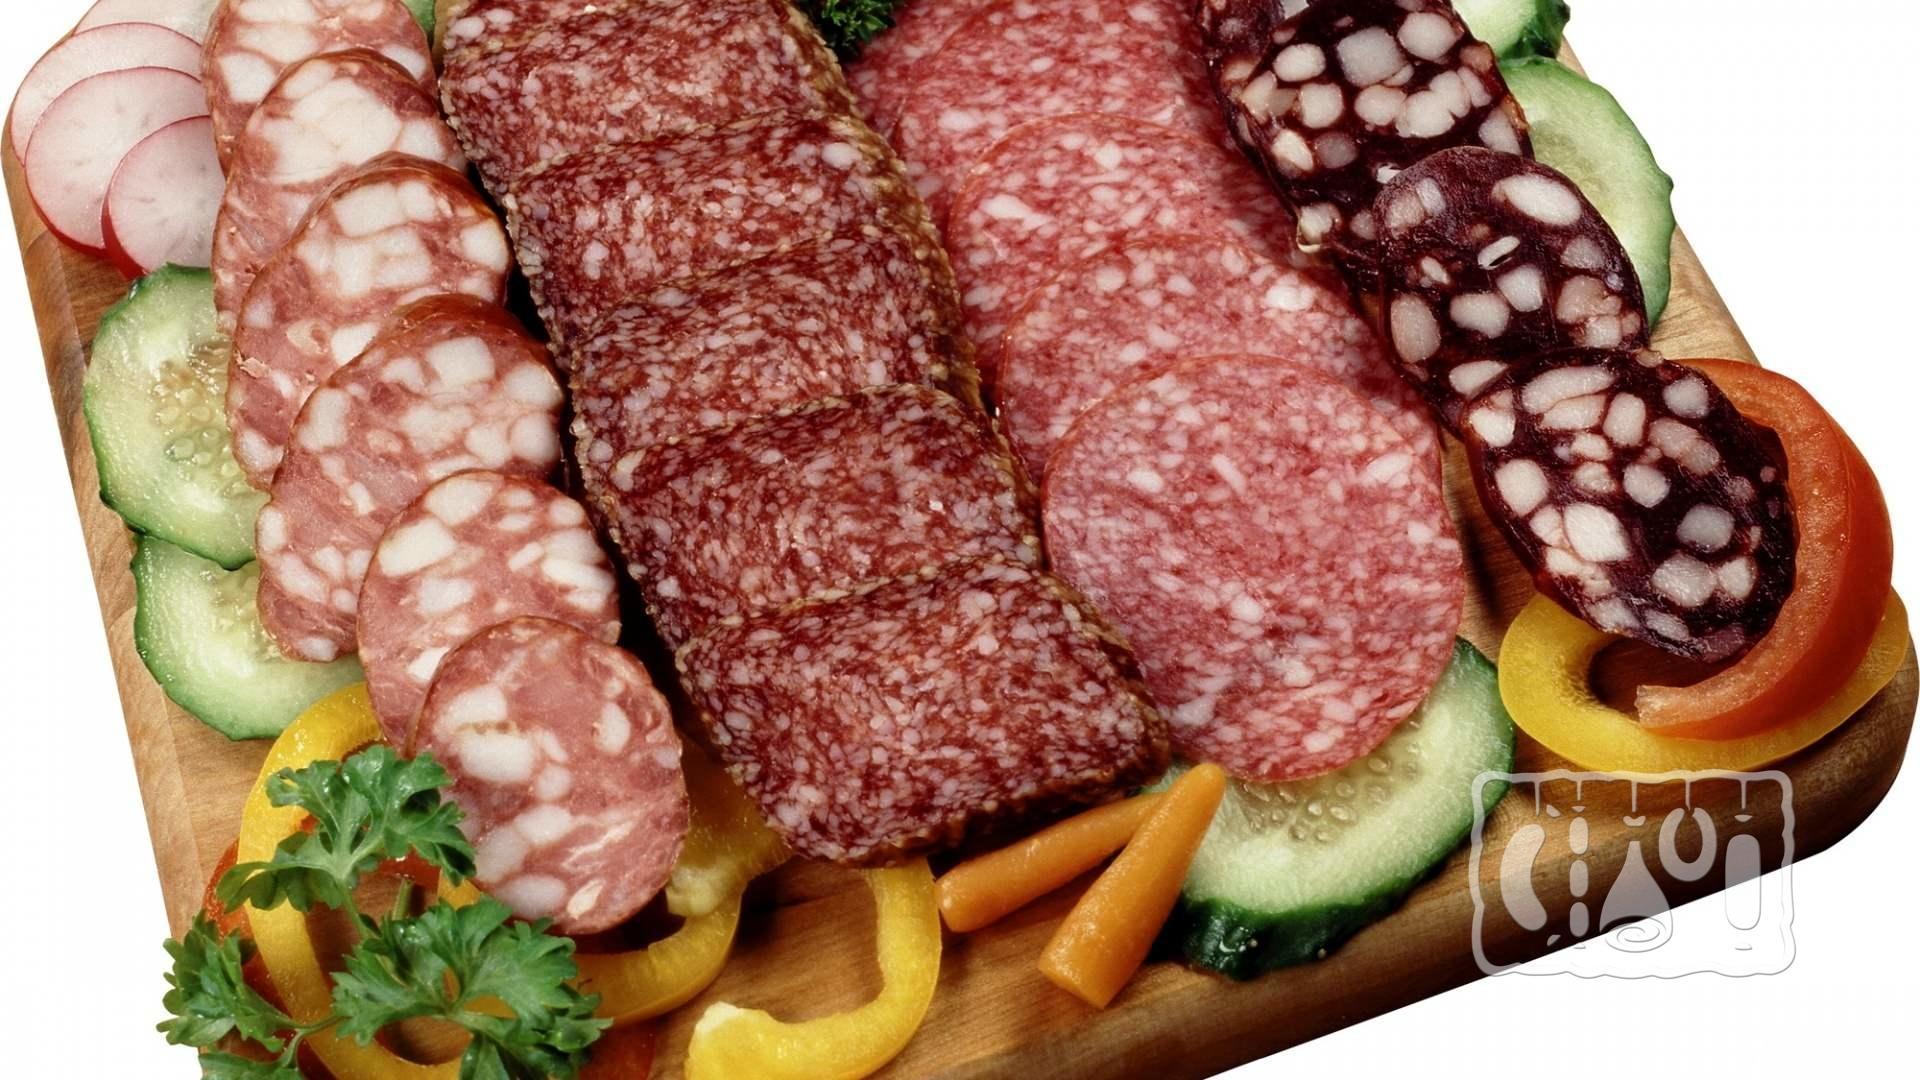 сырокопченая колбаса в домашних условиях рецепт с нитритной солью